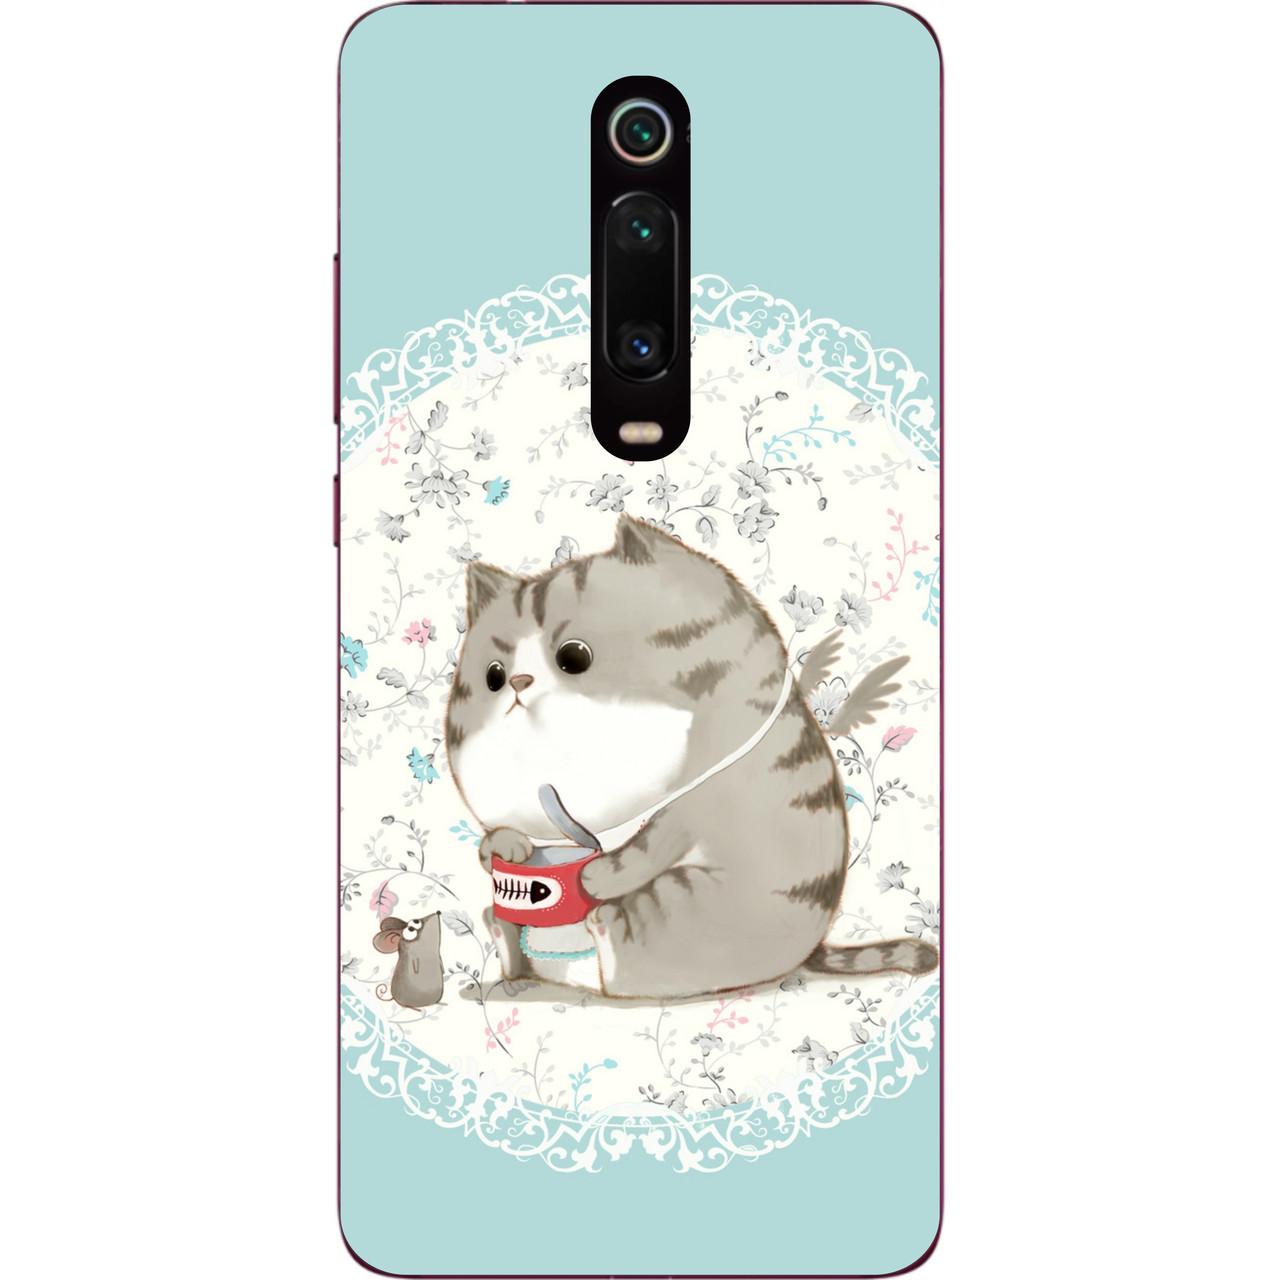 Силиконовый чехол для Xiaomi Mi 9t / K20 / Mi 9t Pro / K20 Pro с картинкой Серый кот